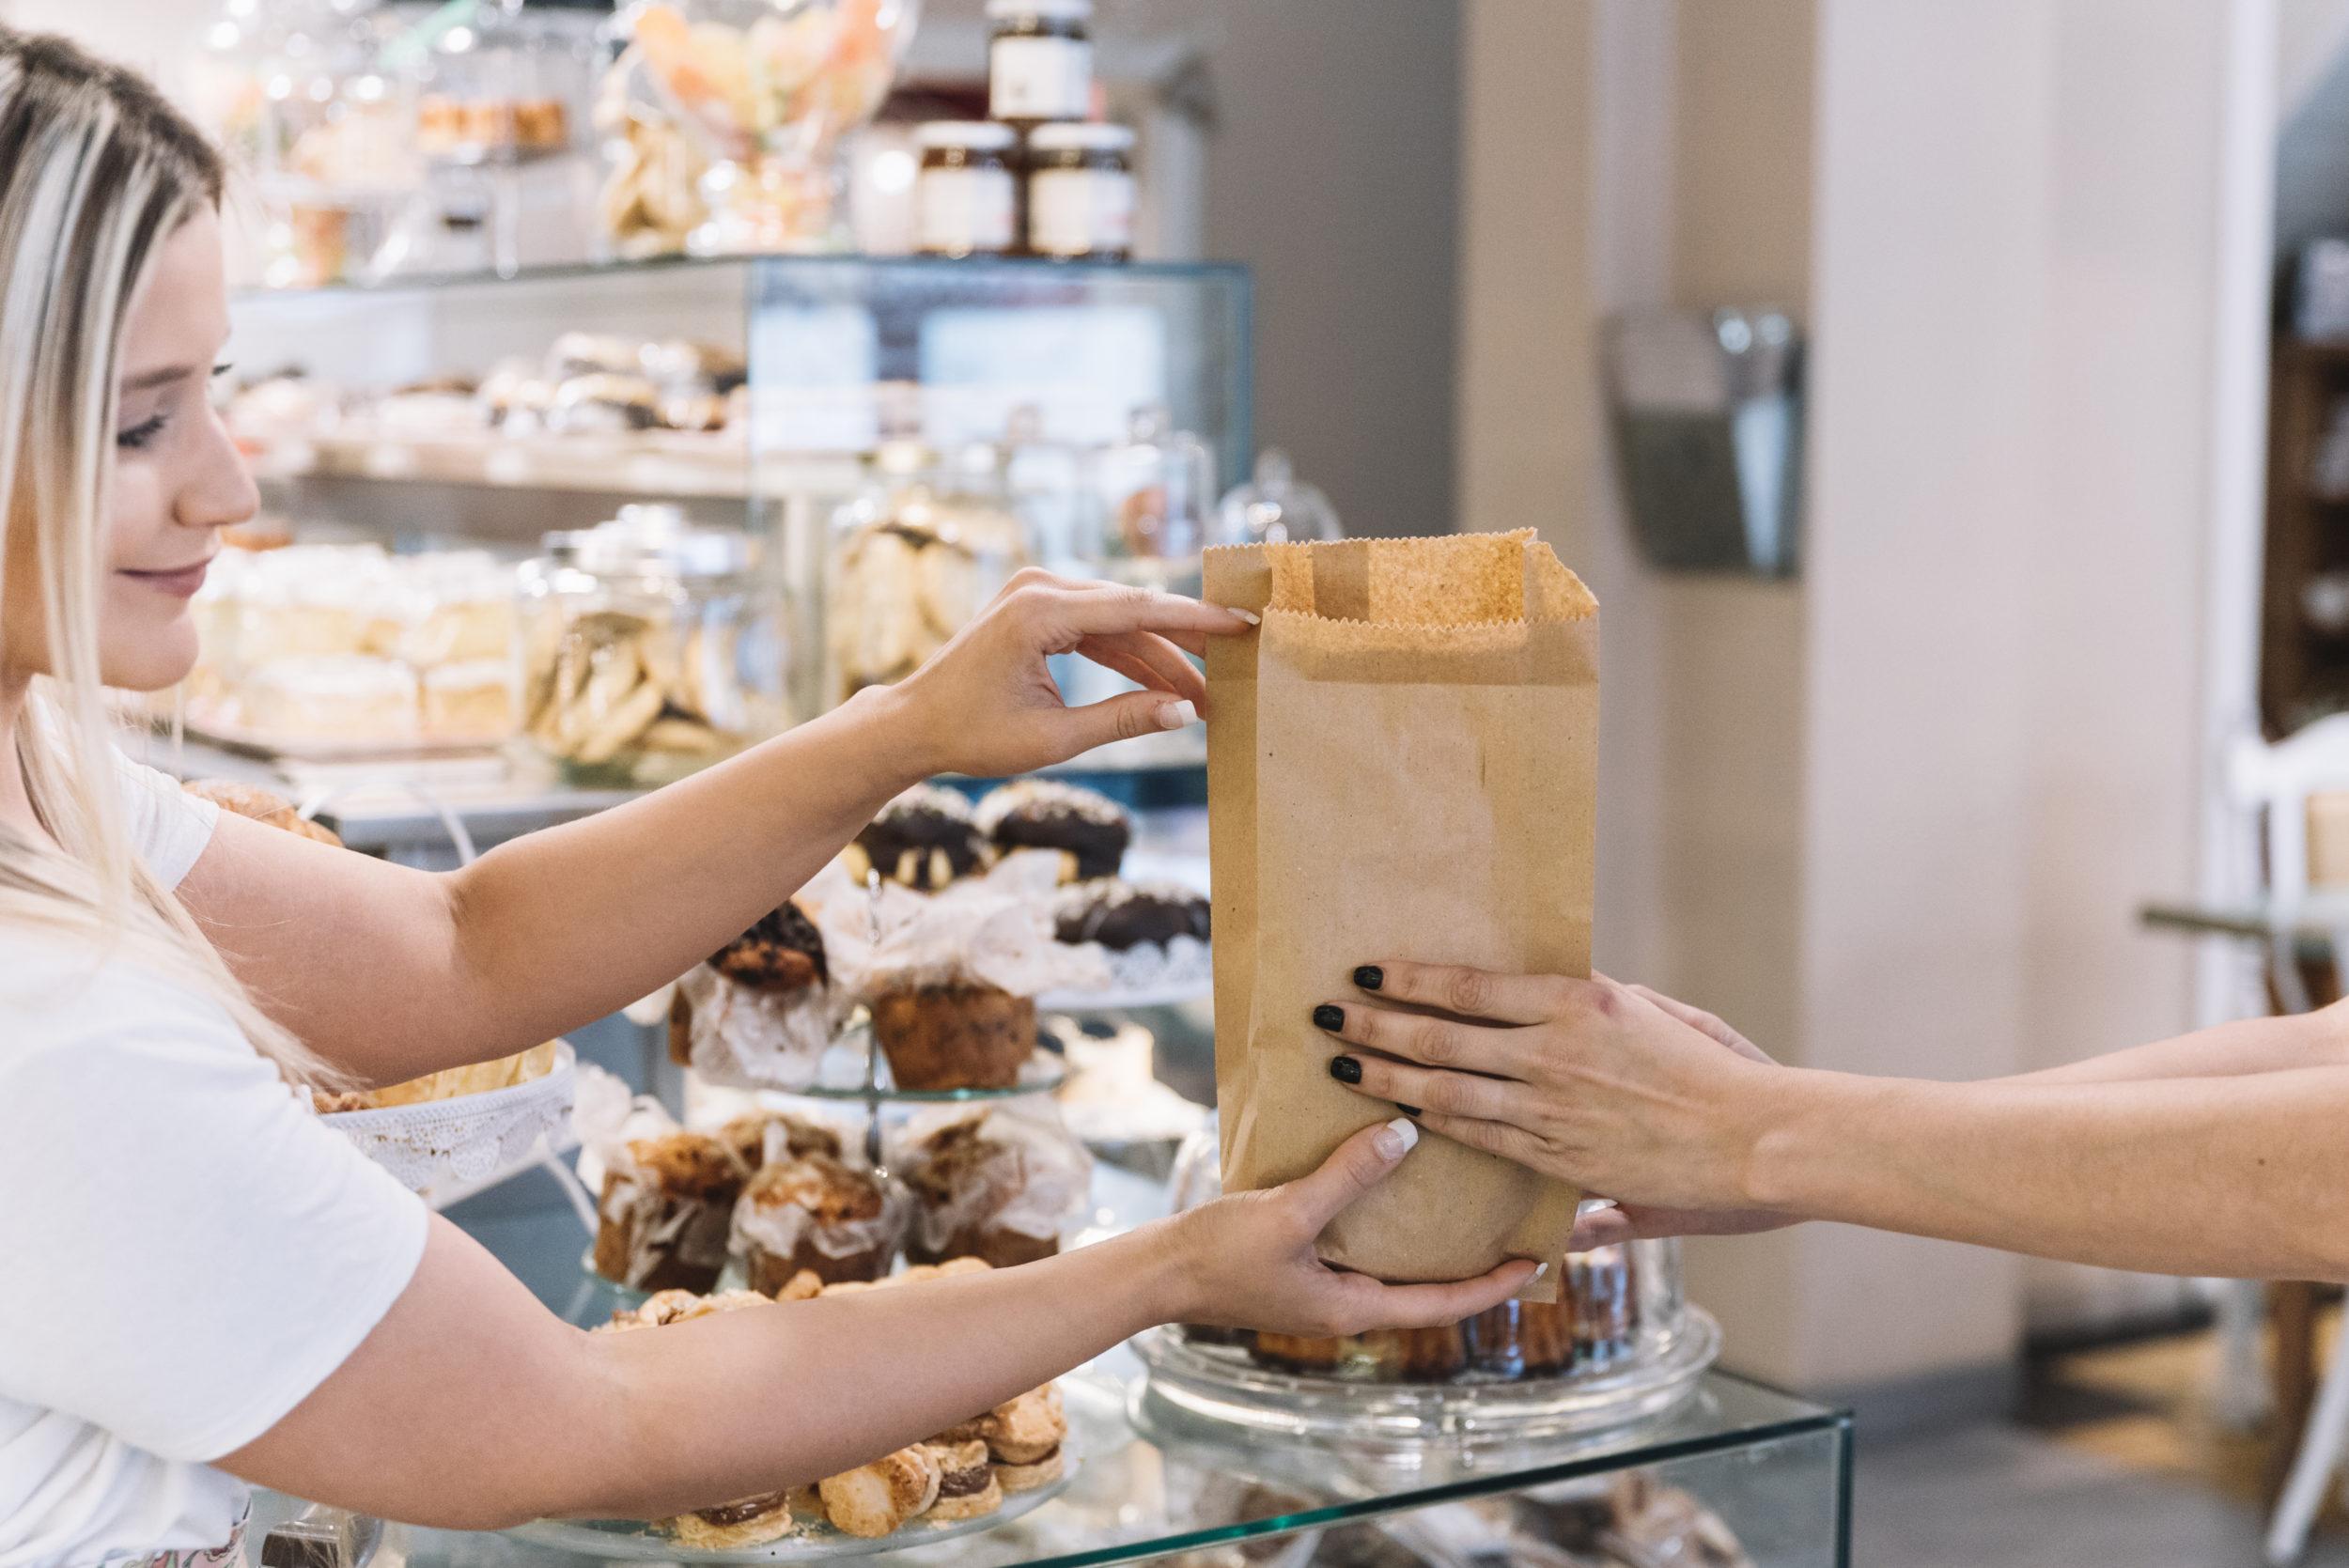 Personne effectuant un achat dans une boulangerie pâtisserie